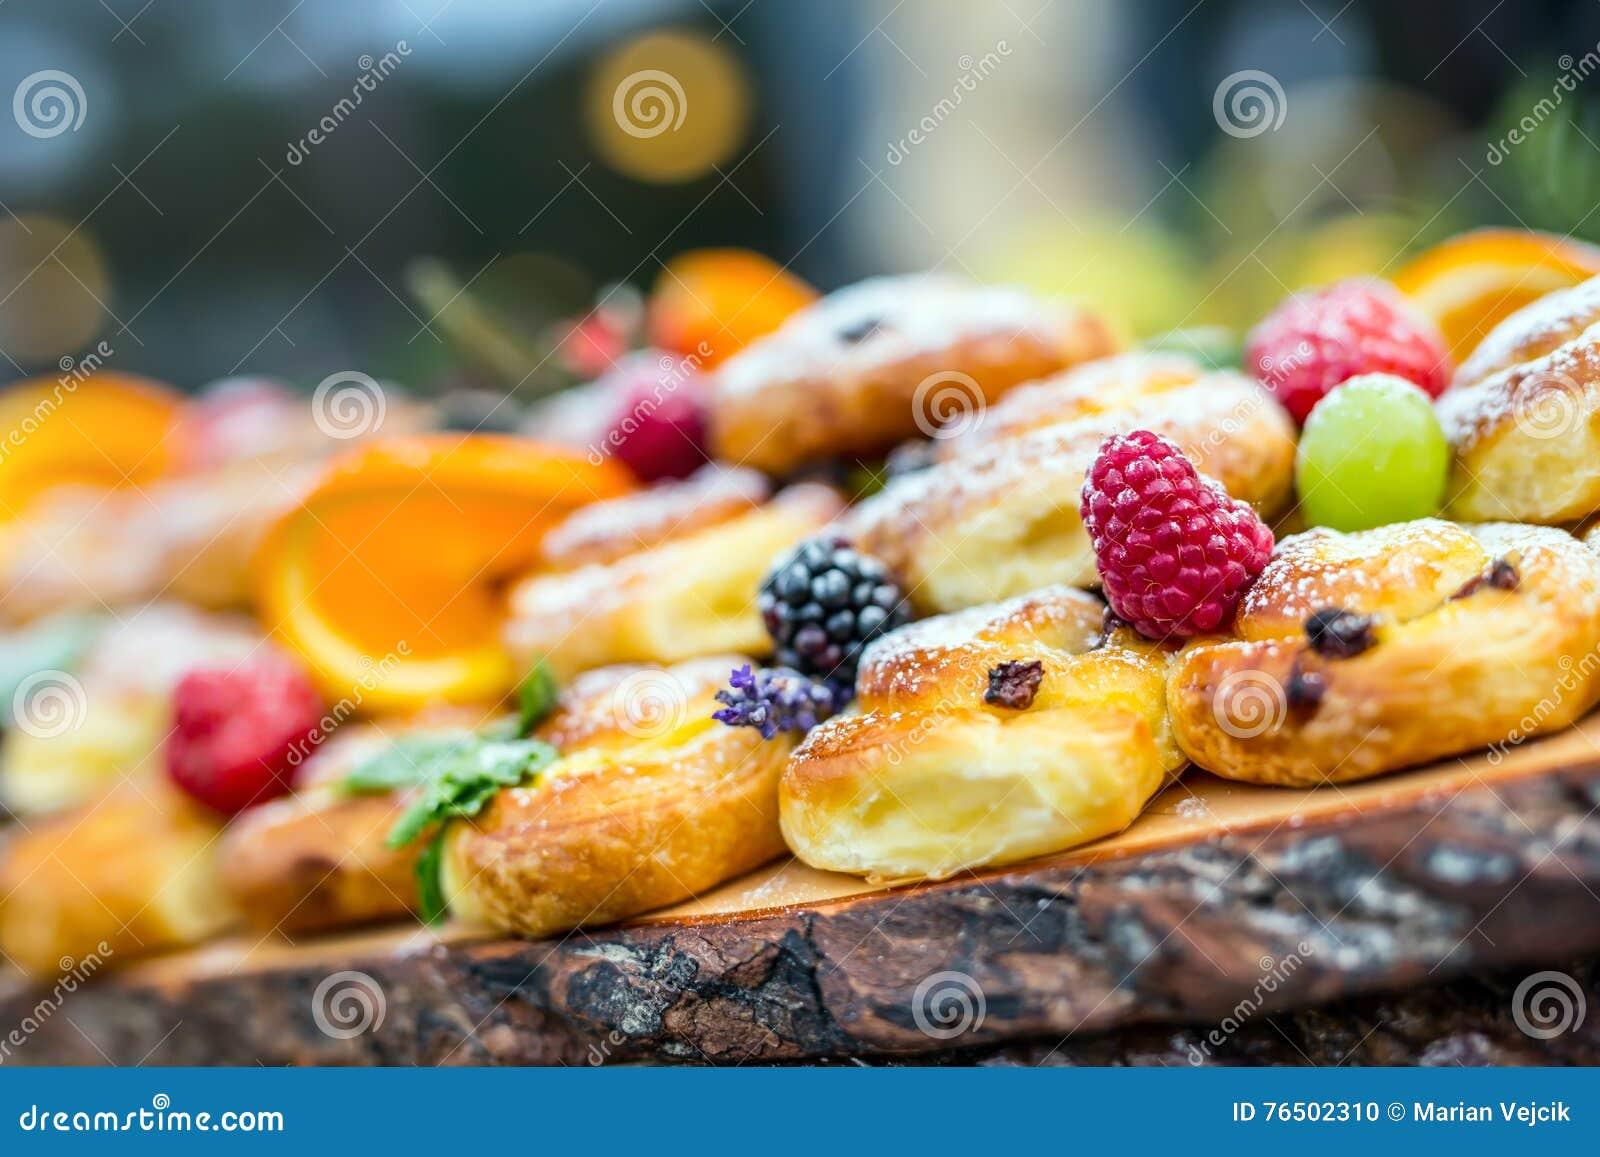 Buffet Di Dolci E Frutta : Dessert dolci con frutti di bosco e frutta serviti al buffet